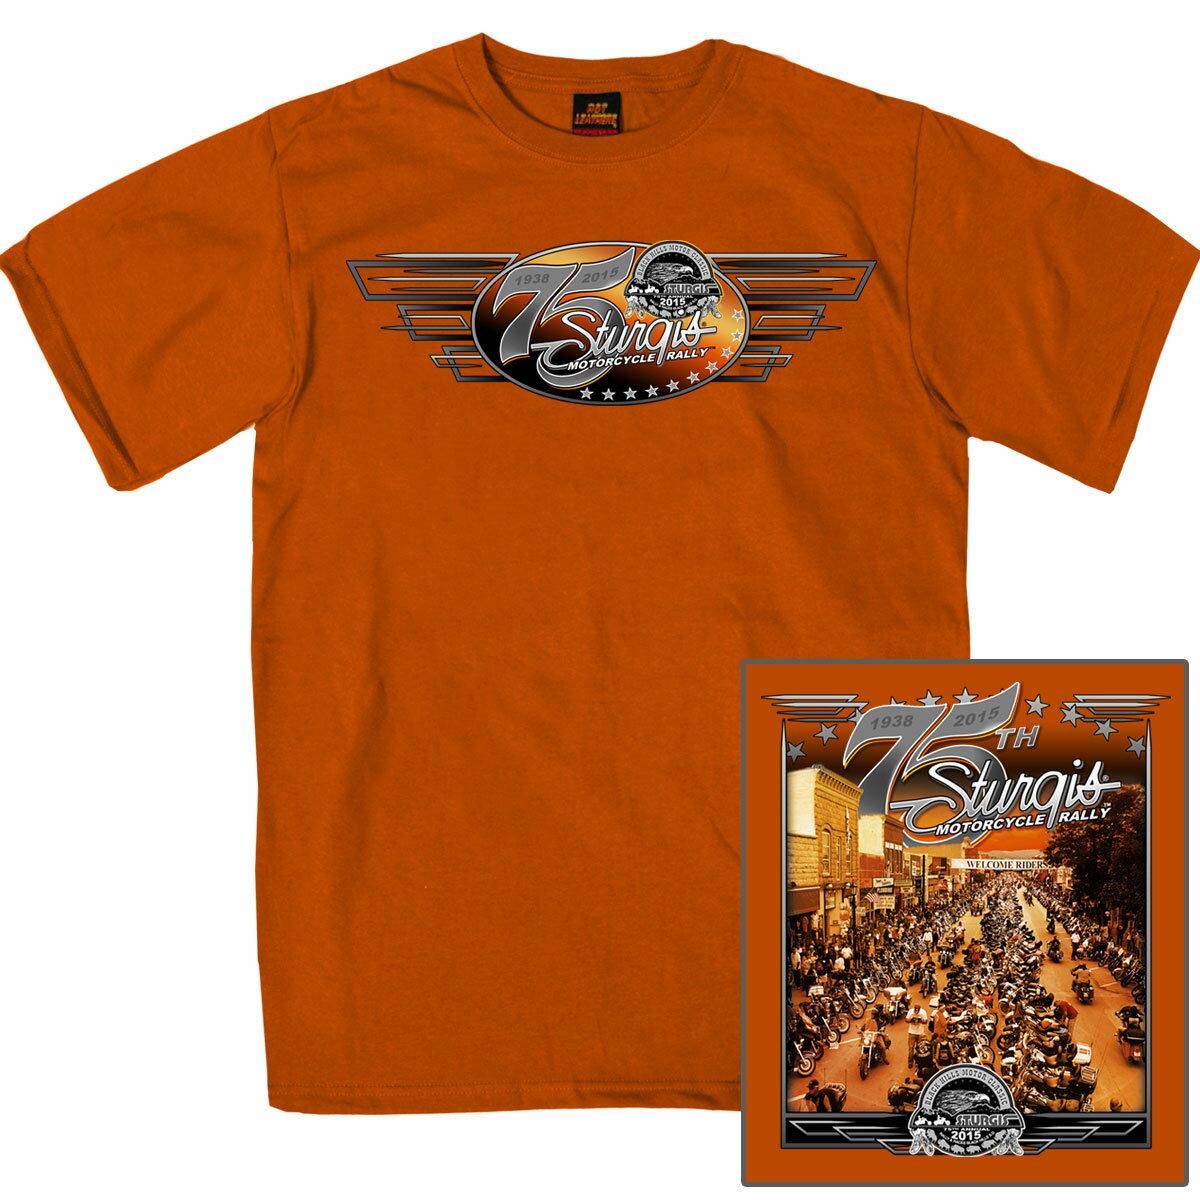 【送料無料!】 限定価格!米国ハーレーの祭典「スタージス」公式75周年イーグル バイカー 半袖 Tシャツ! アメカジ バイカー! バイクに! ハーレーダビッドソン乗り愛用 オレンジ